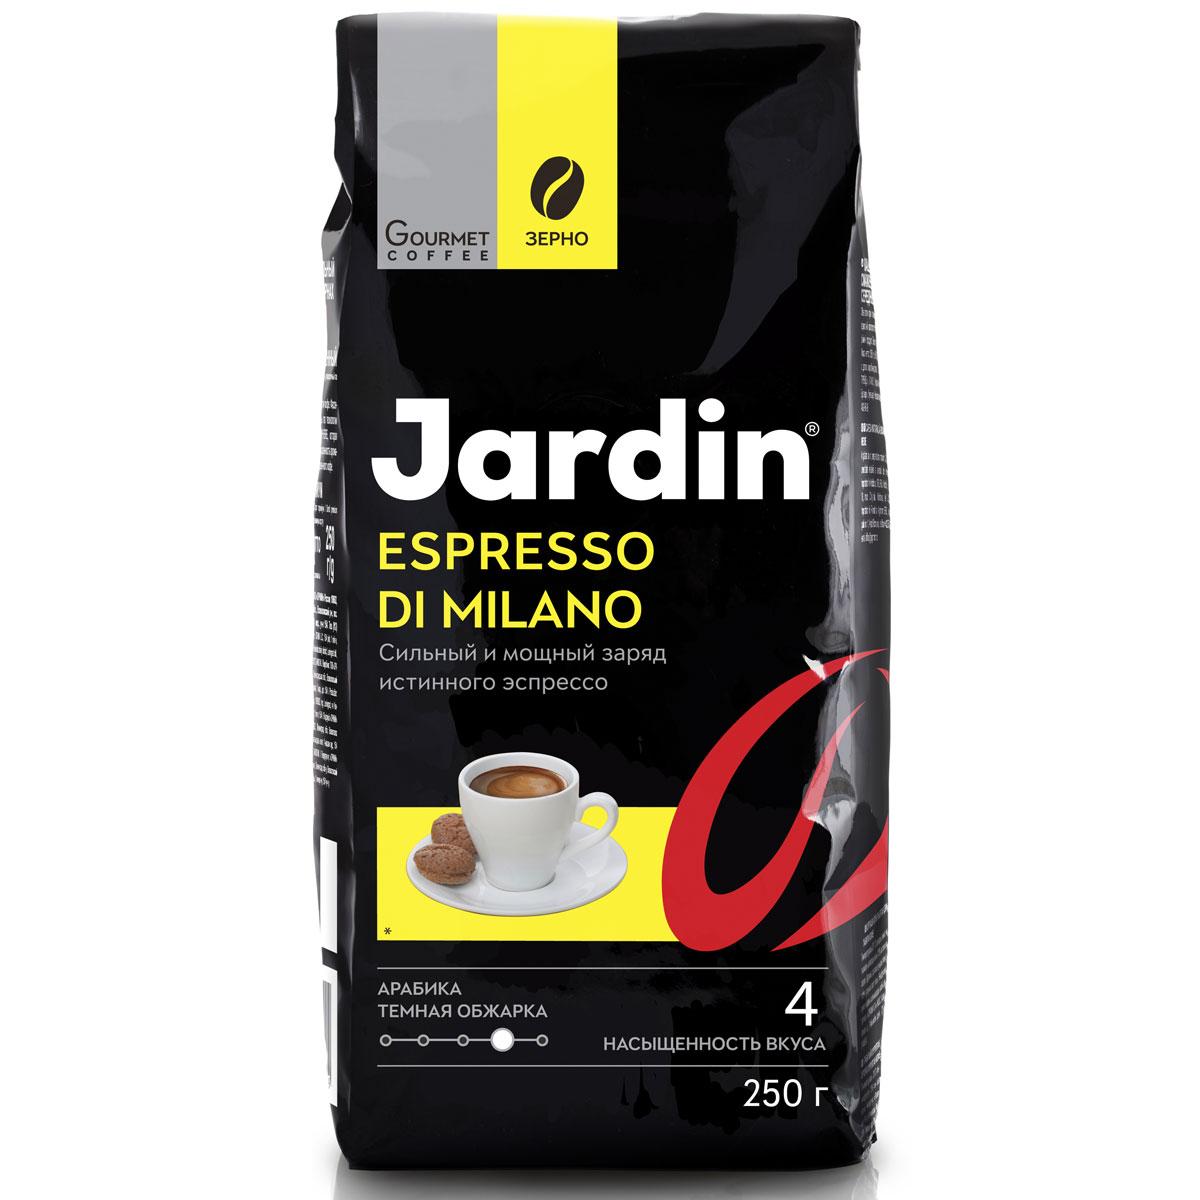 Jardin Espresso Di Milano кофе в зернах, 250 г jardin w15070841387